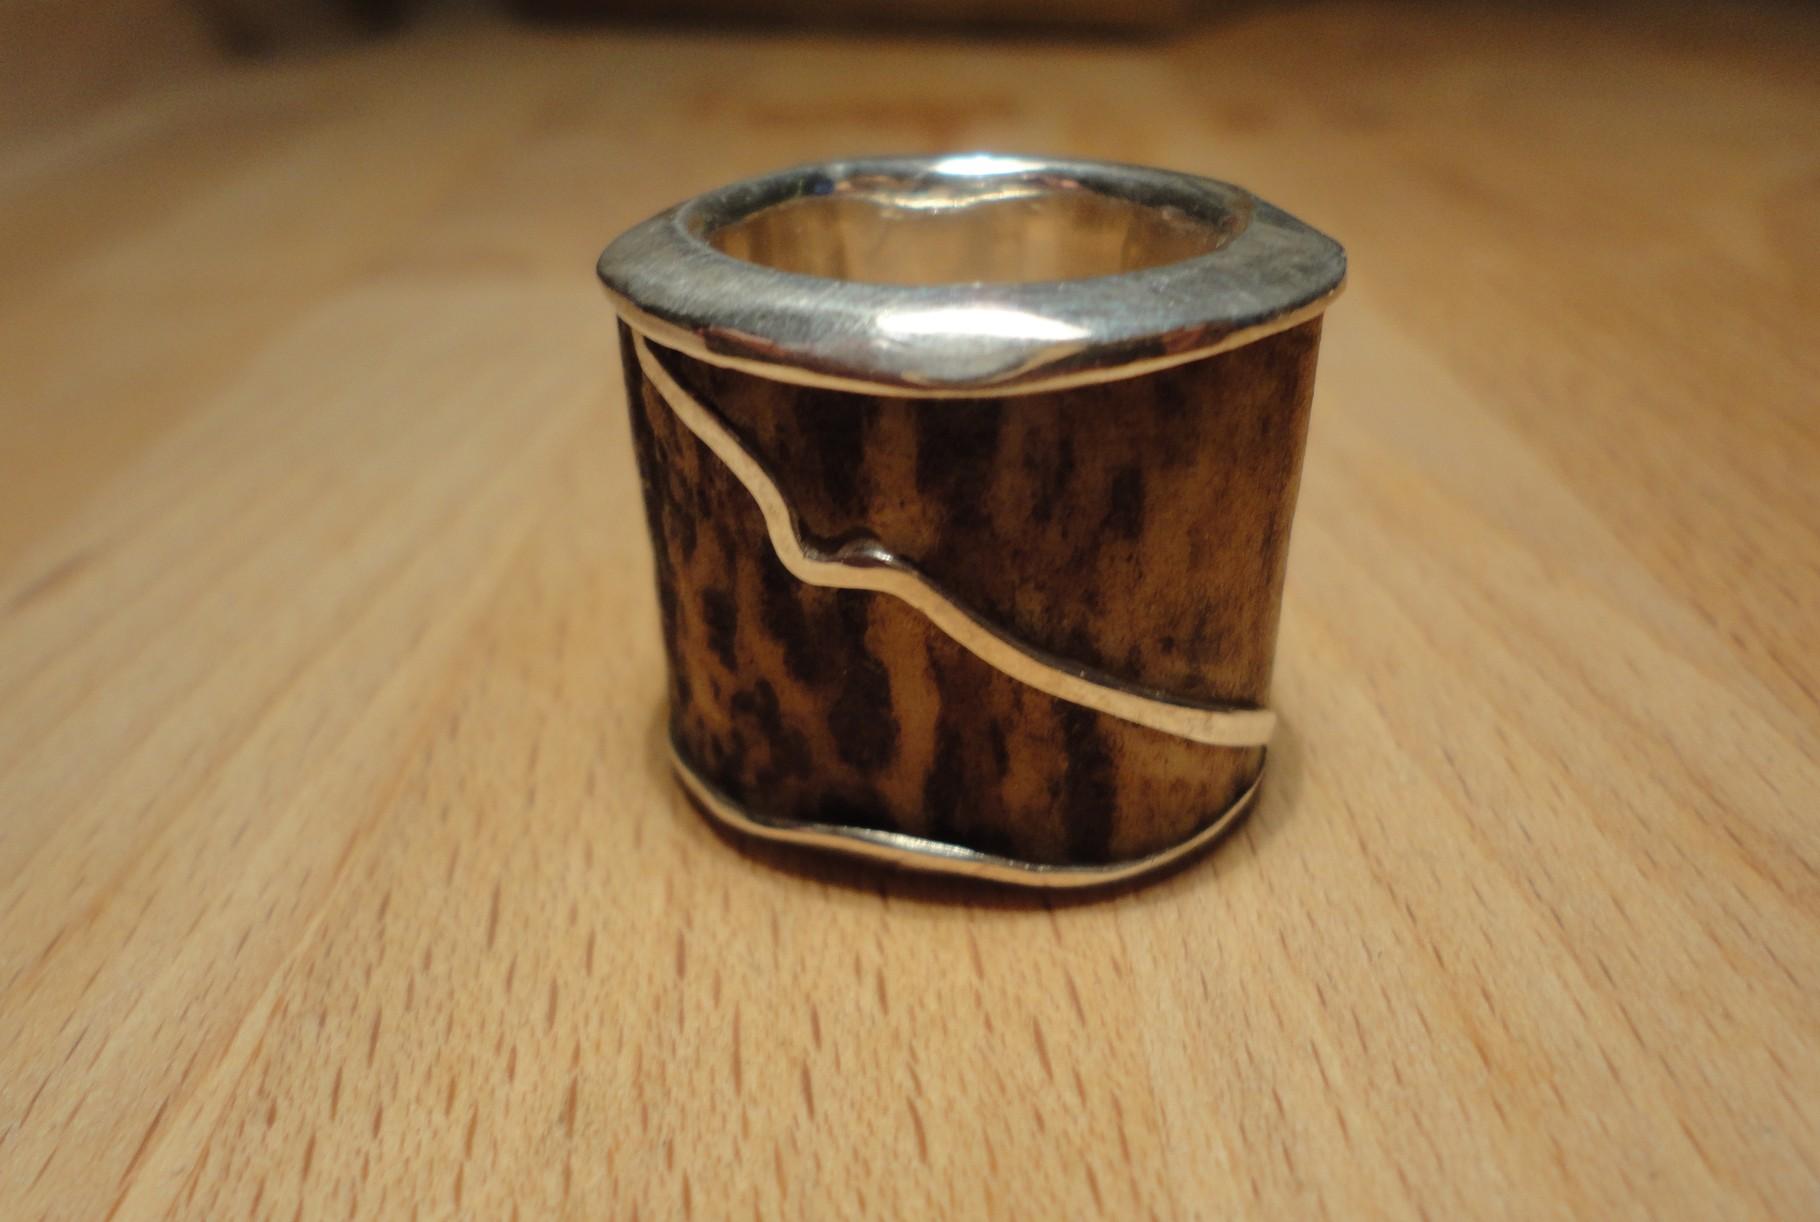 Hornring mit Silberinnenring und Silber-Intarsie (925 Sterlingsilber) Preis: CHF 380.-